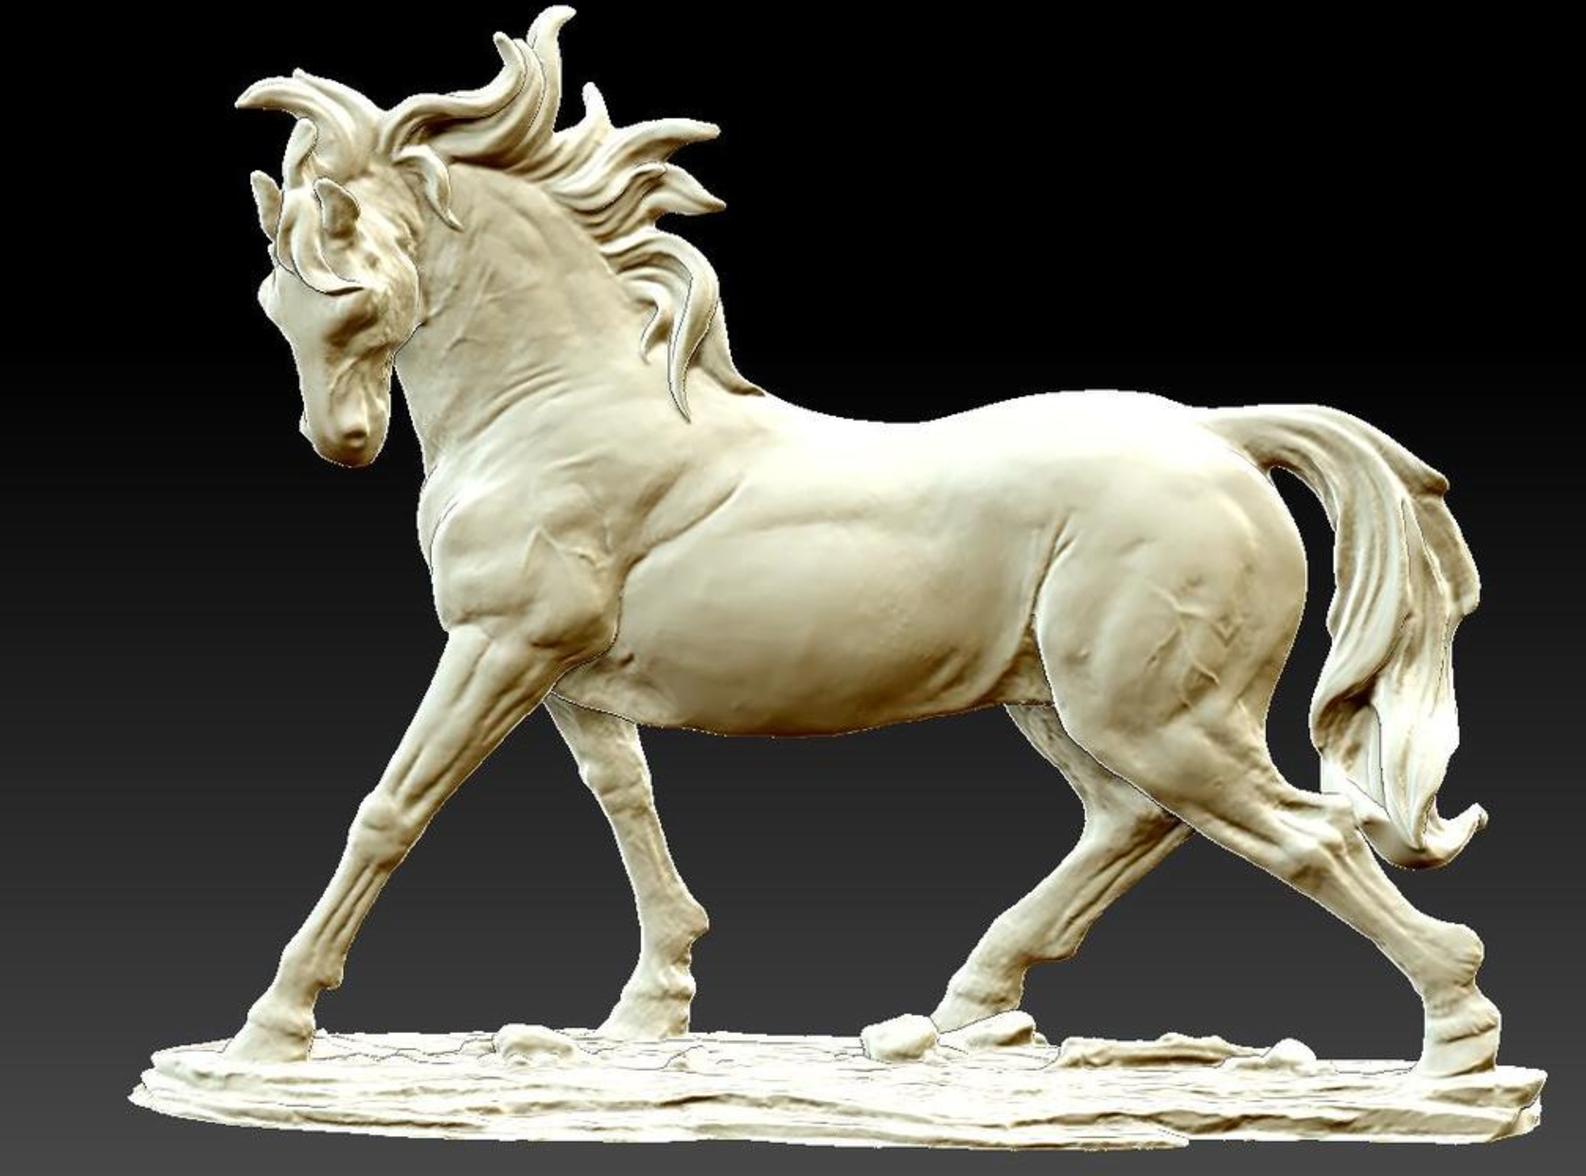 Horse 3D printing3.png Télécharger fichier STL gratuit Cheval • Modèle à imprimer en 3D, stronghero3d